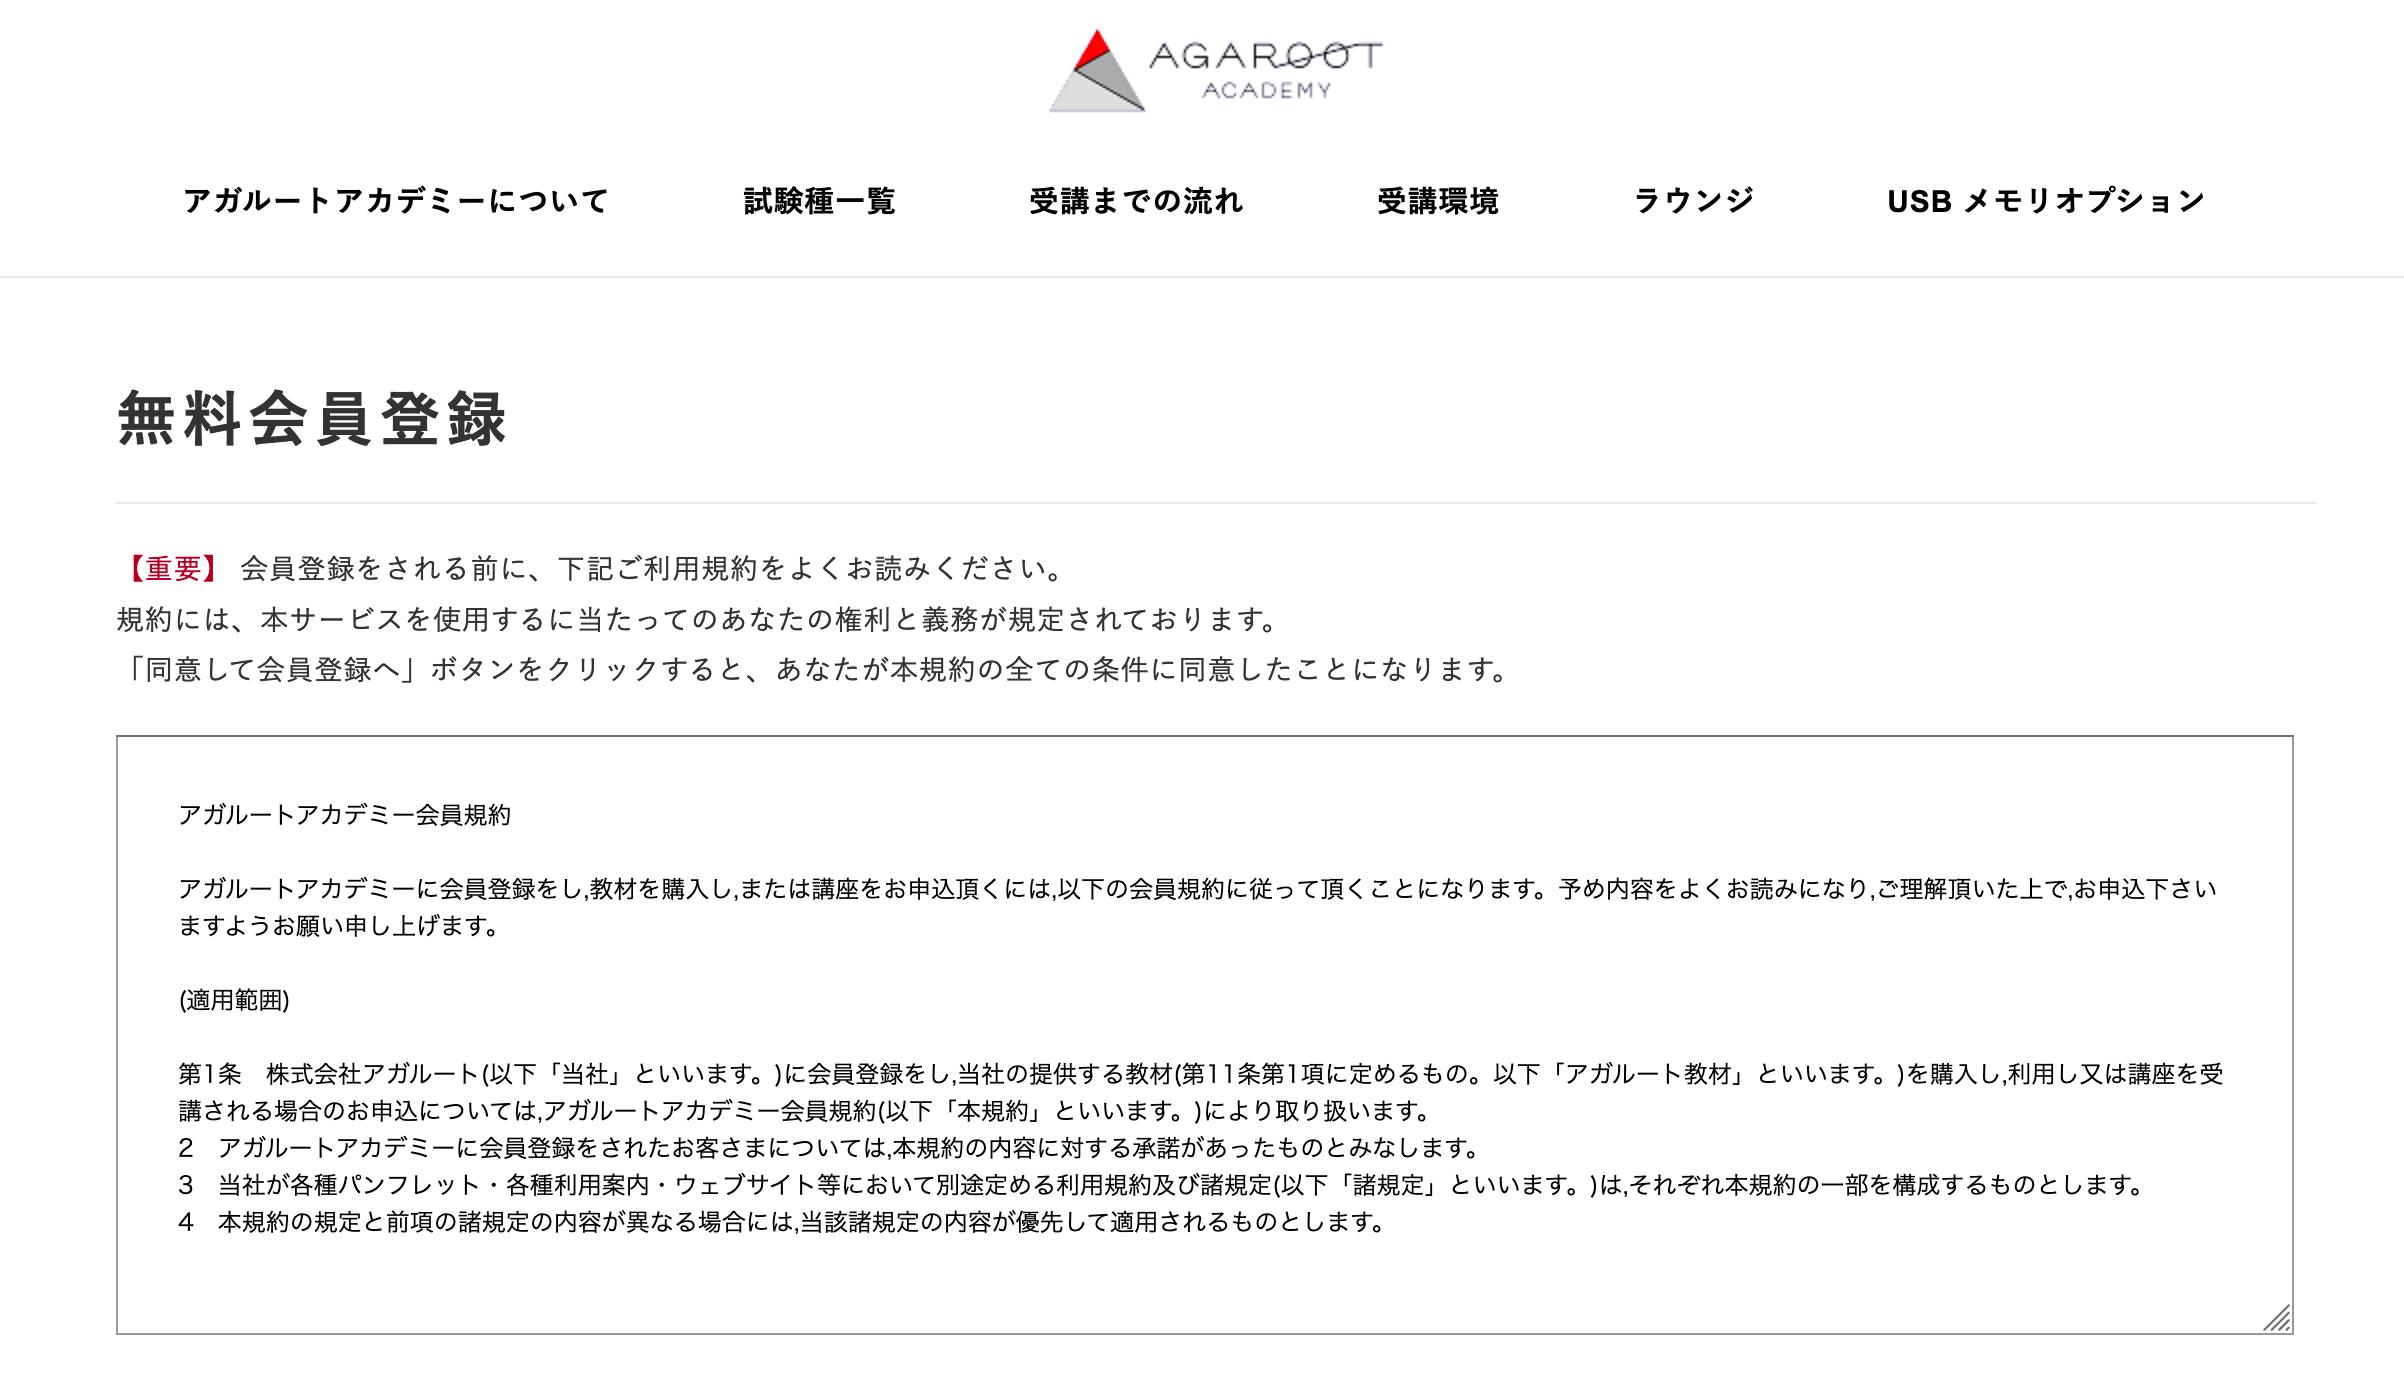 アガルート 無料会員登録